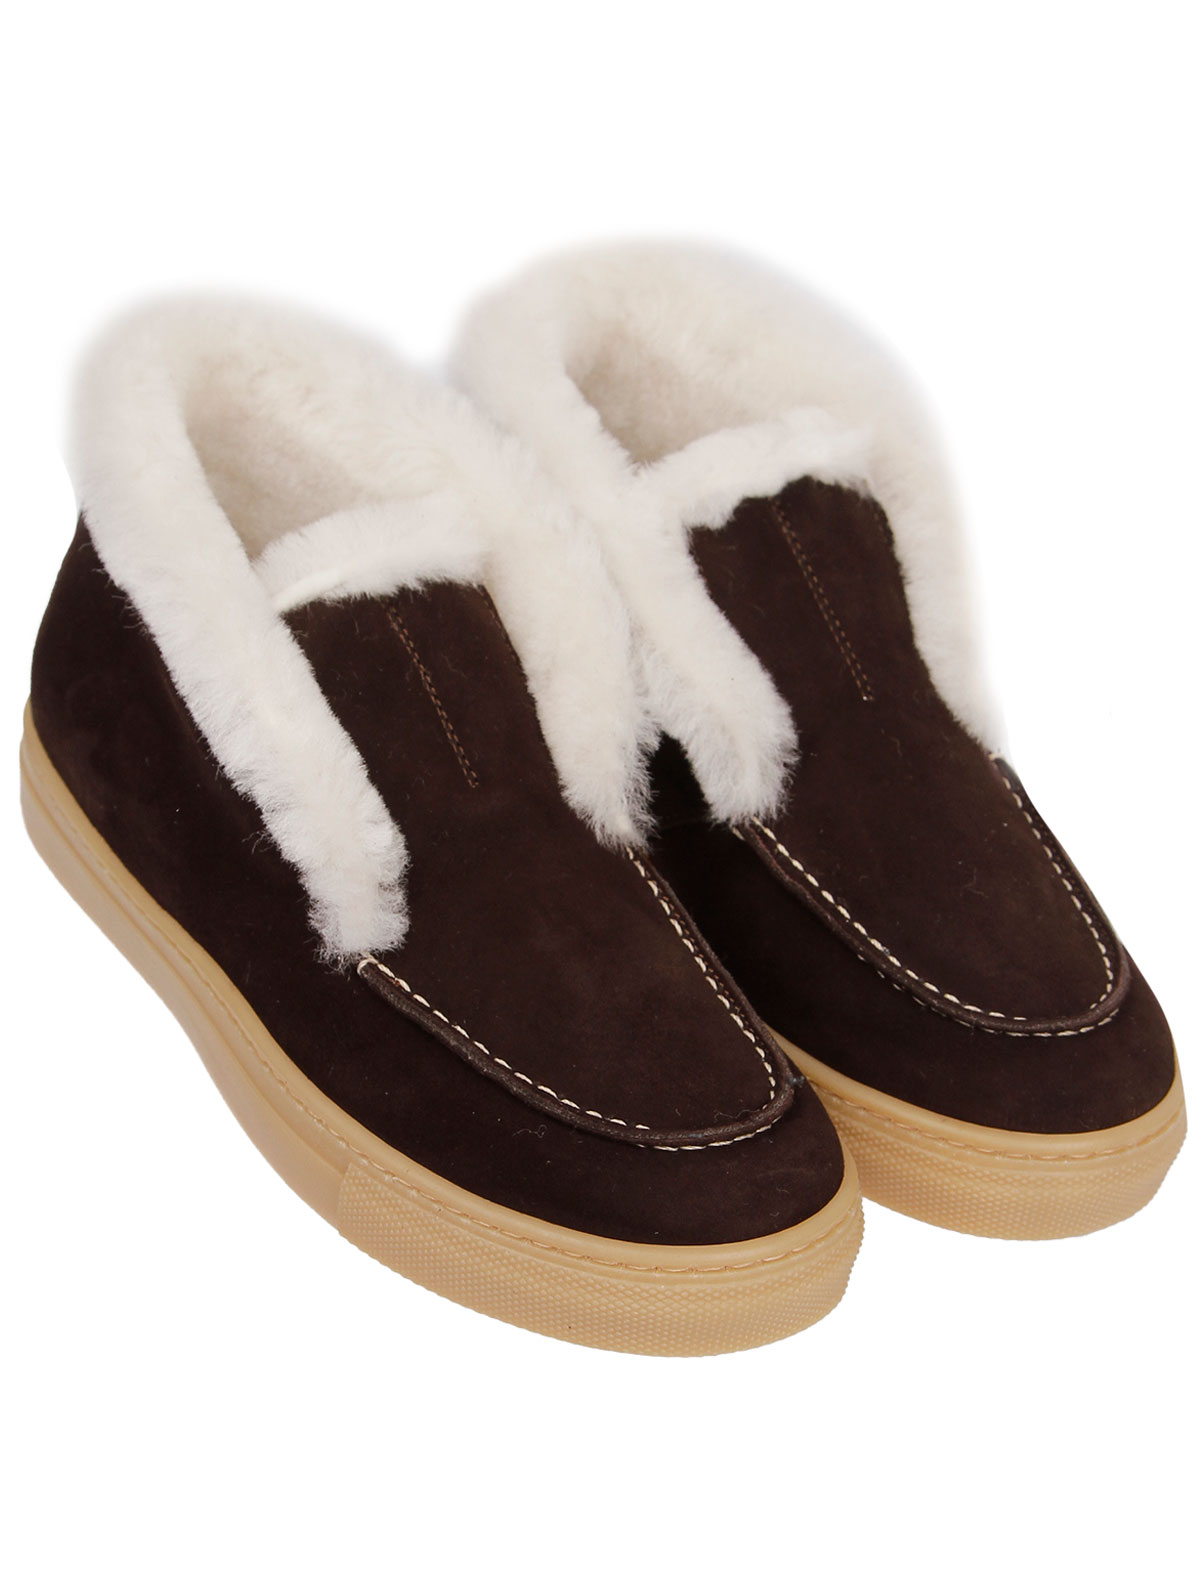 2340727, Ботинки GALLUCCI, коричневый, Женский, 2034509181296  - купить со скидкой